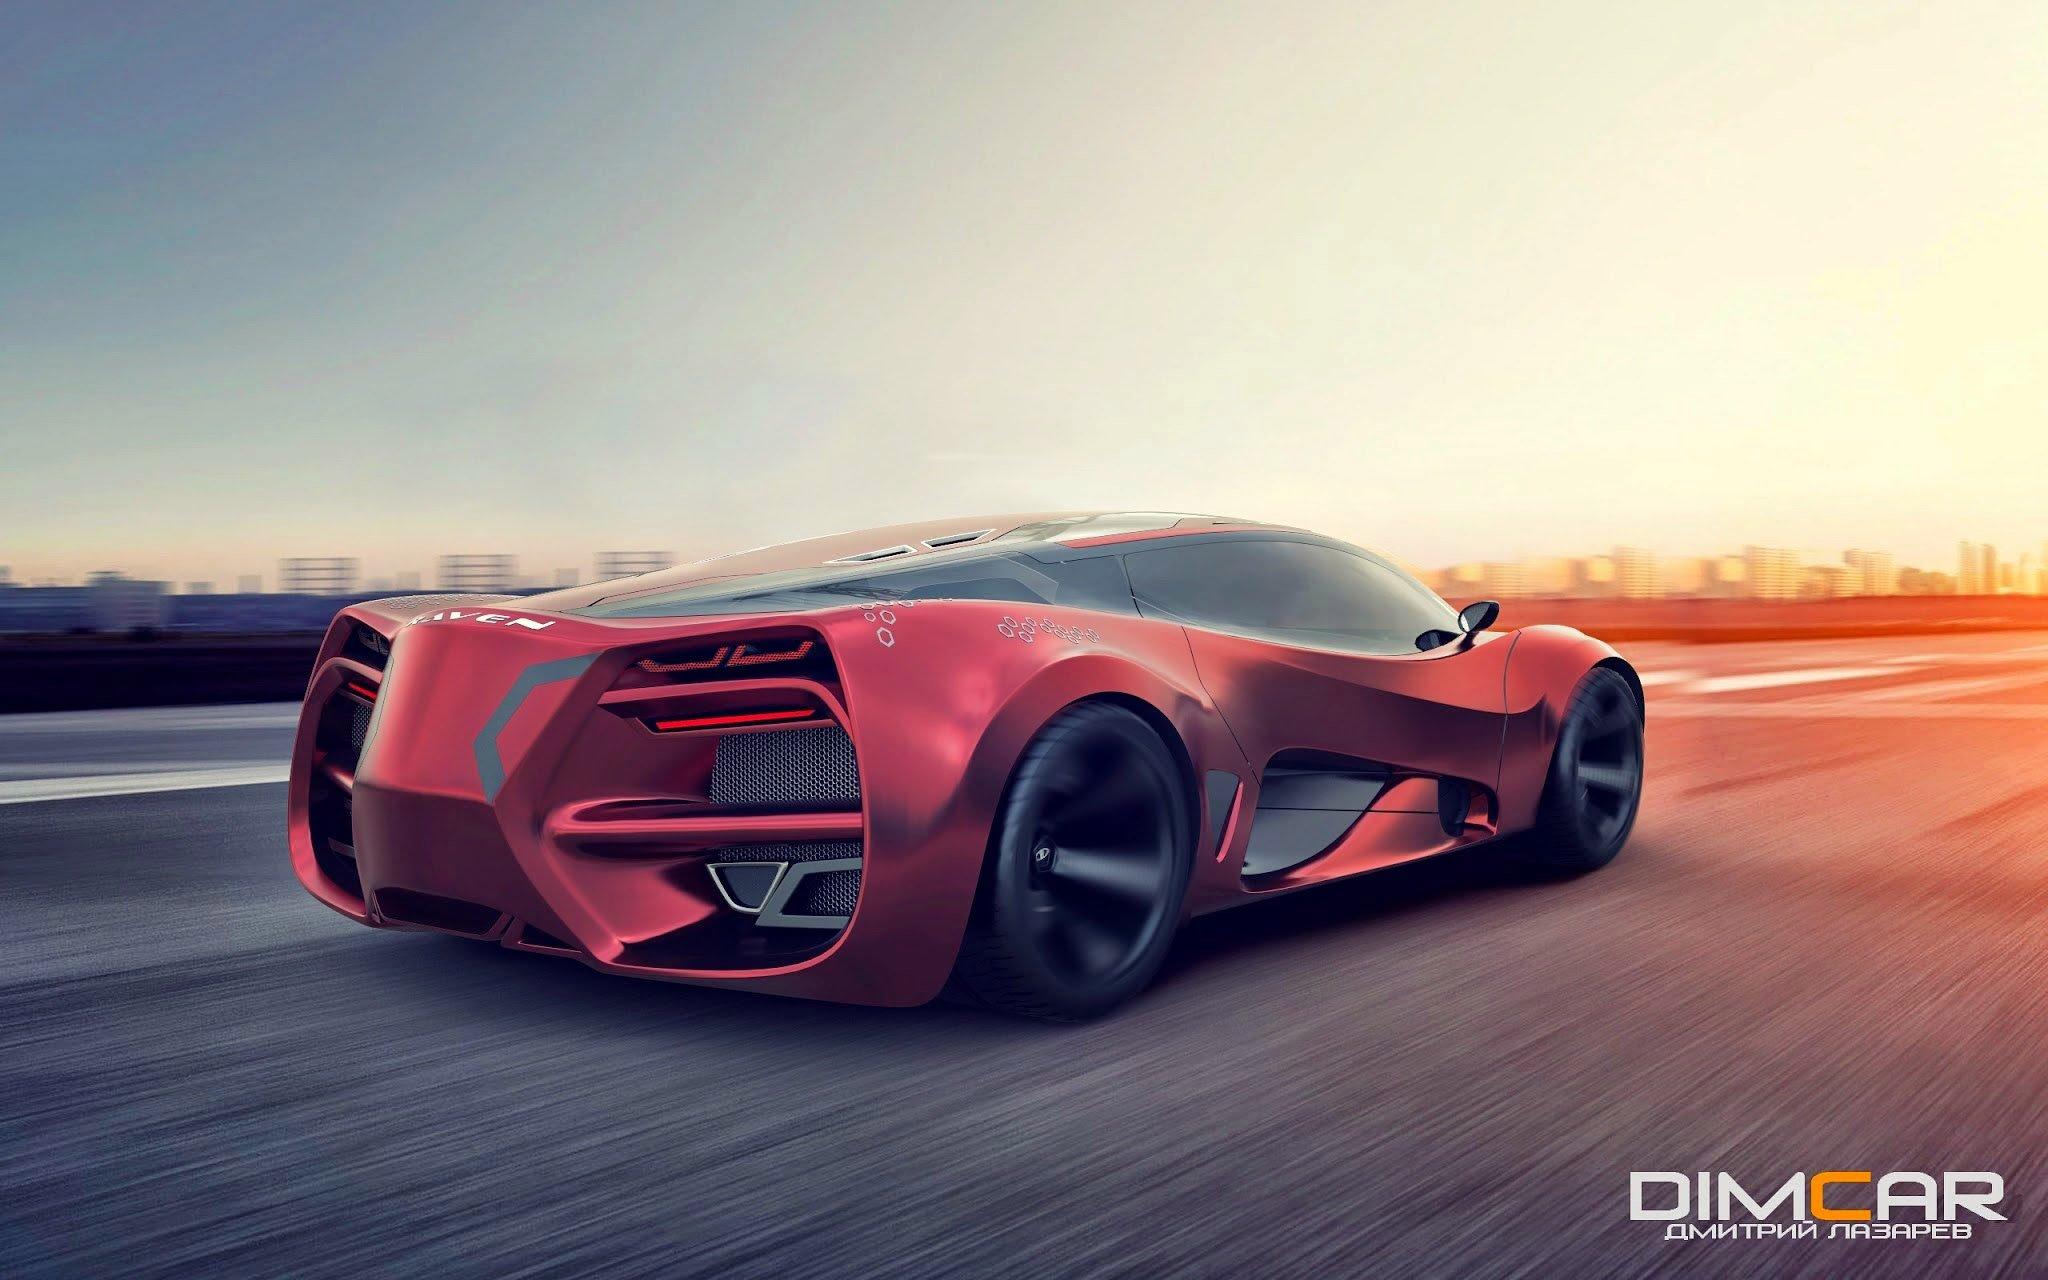 New Exotic Car Models